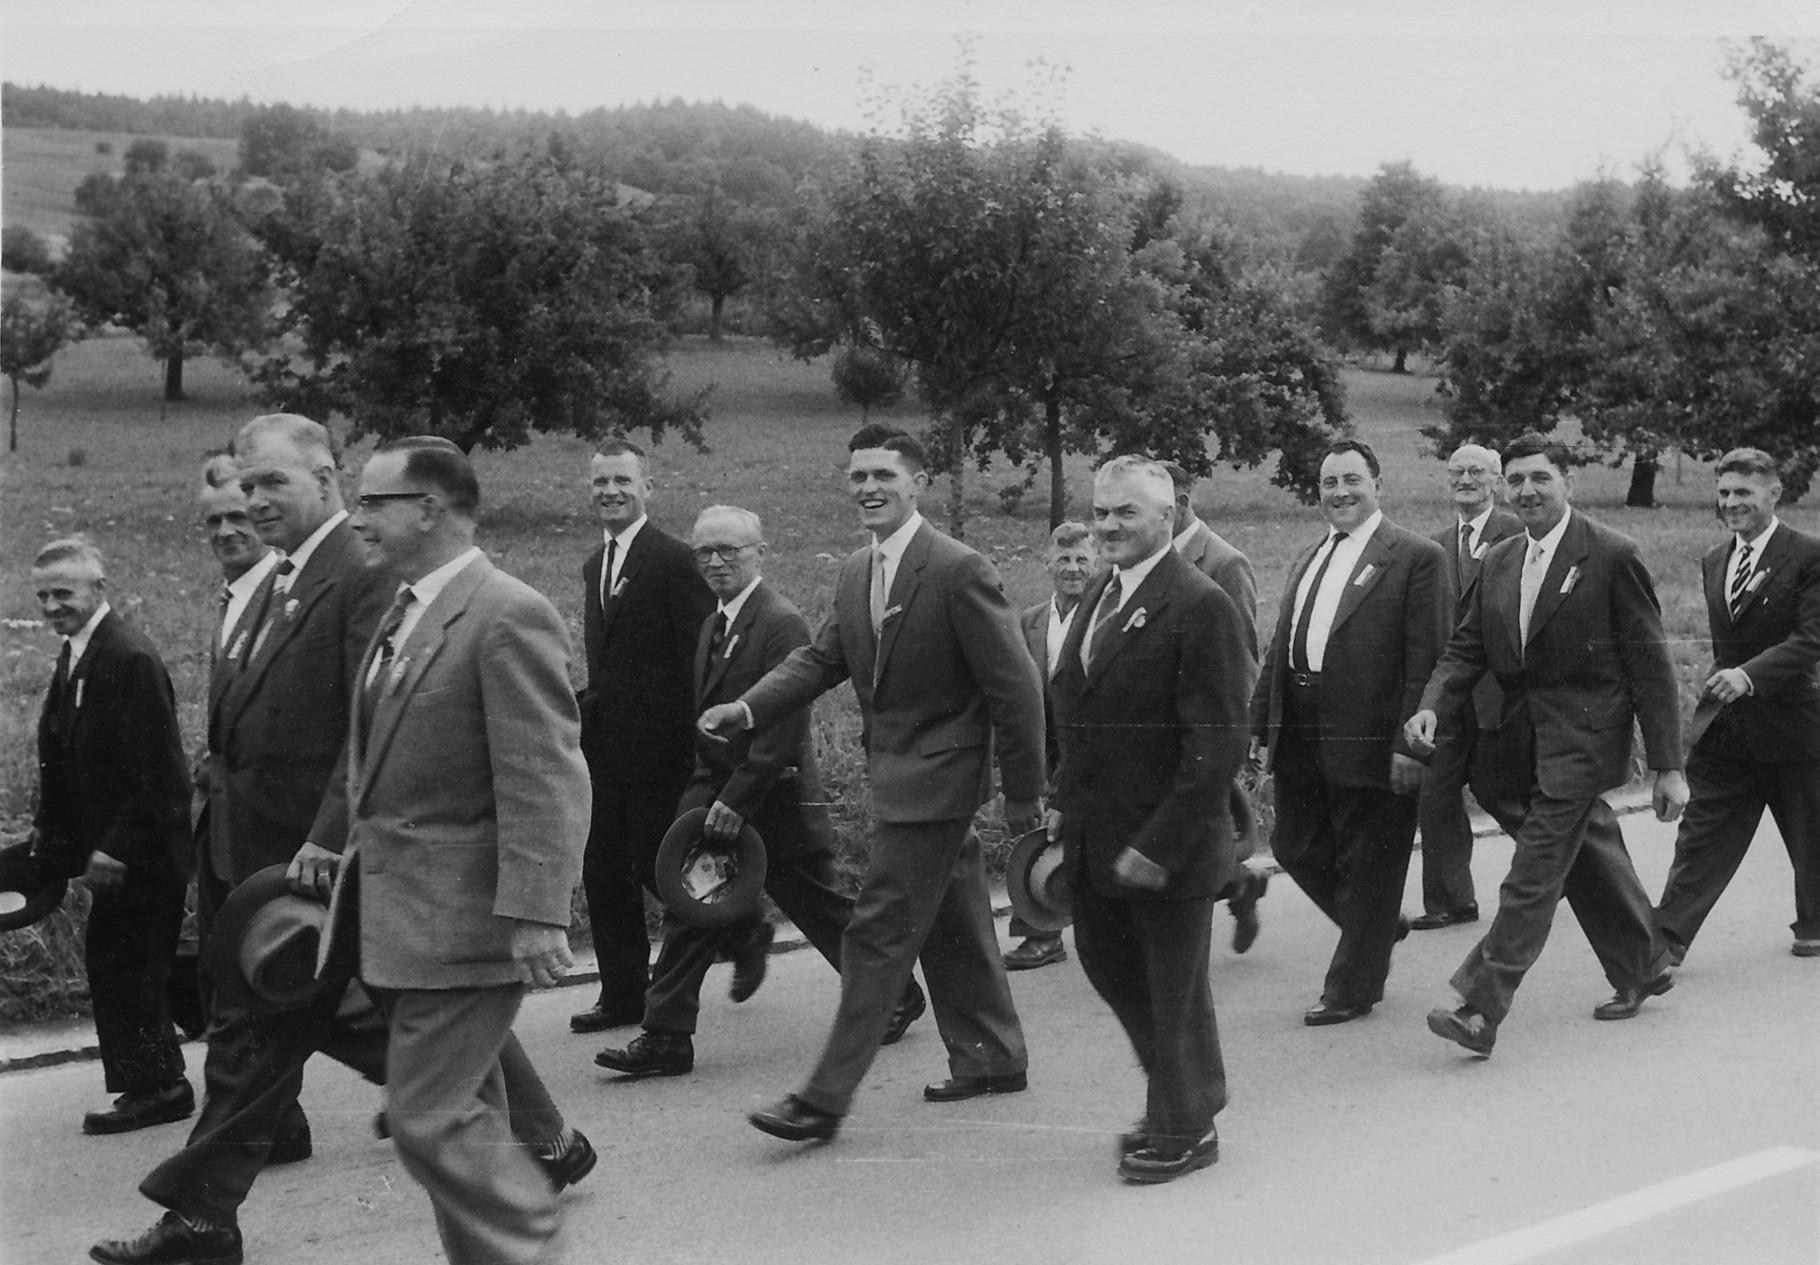 1971 Marsch von Schöfflisdorf nach Oberweningen